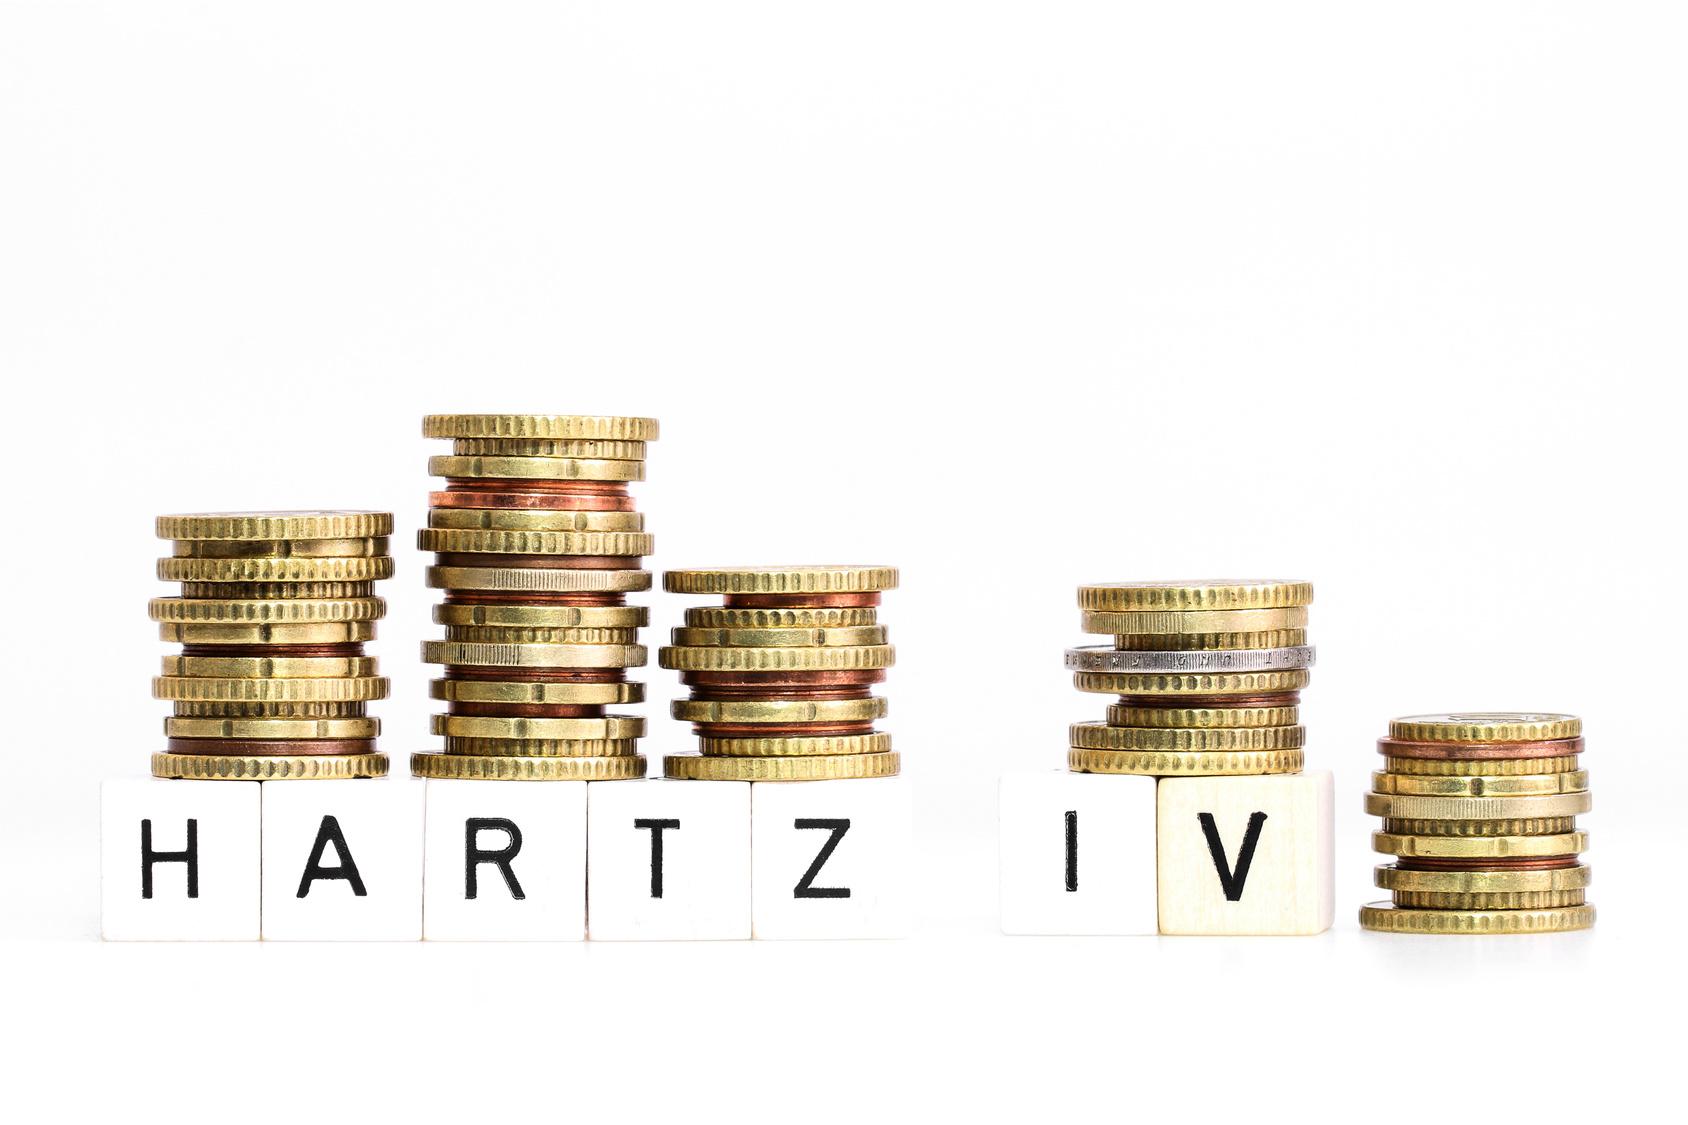 Zahl der Hartz-IV-Bezieher aus Nicht-EU-Staaten steigt